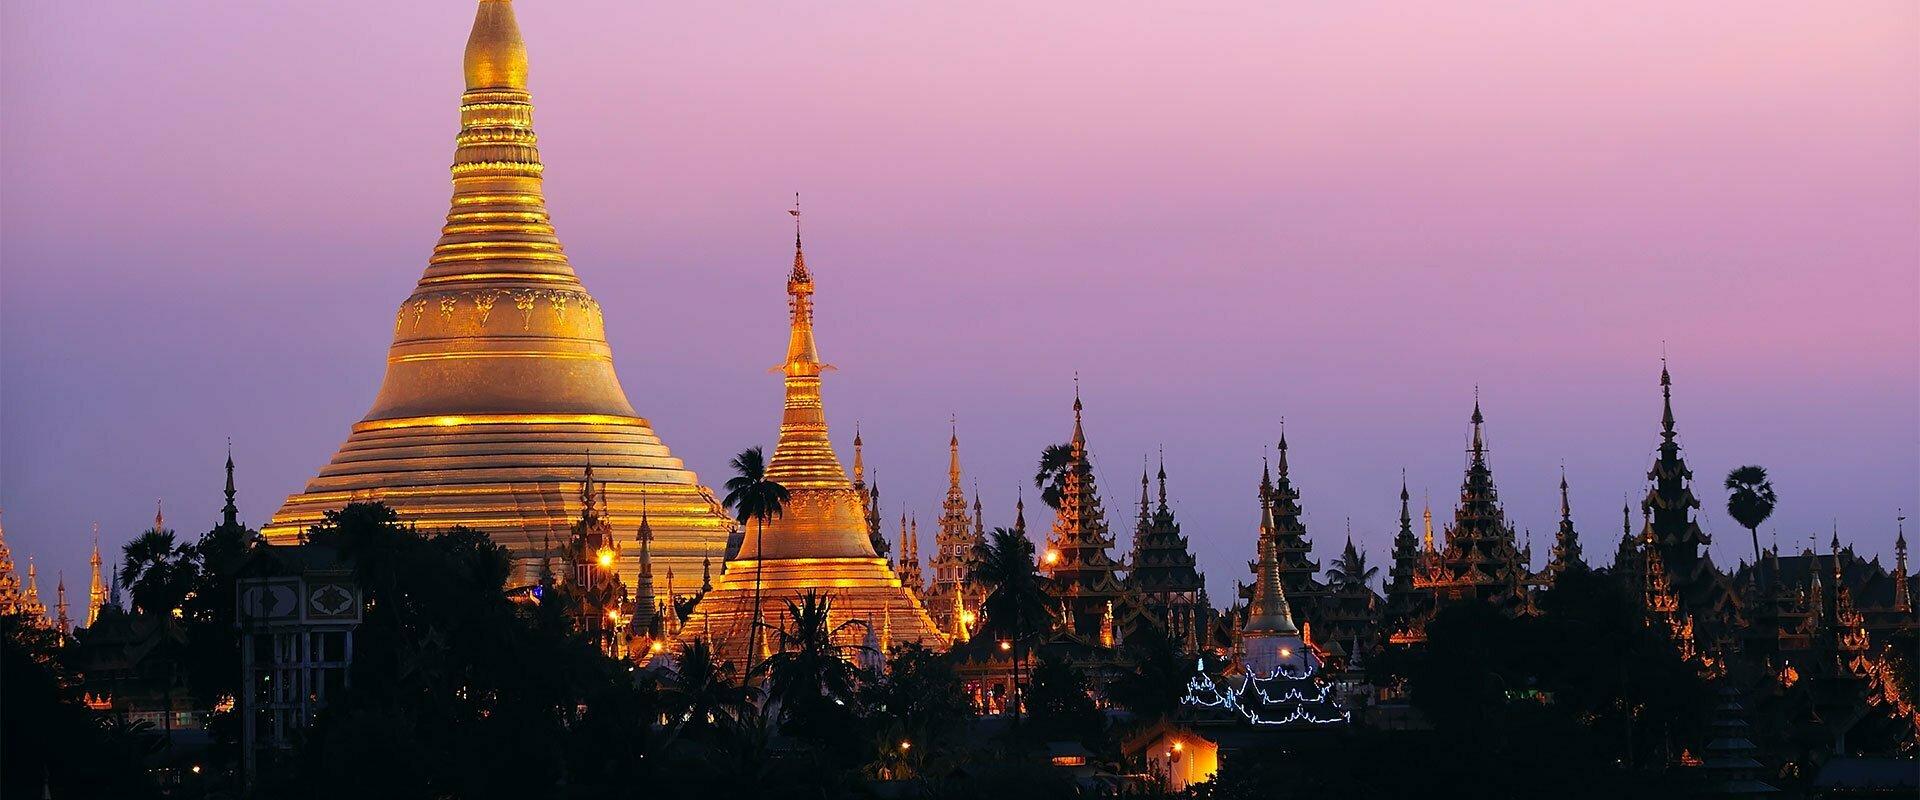 les temples de yangon de nuit birmanie